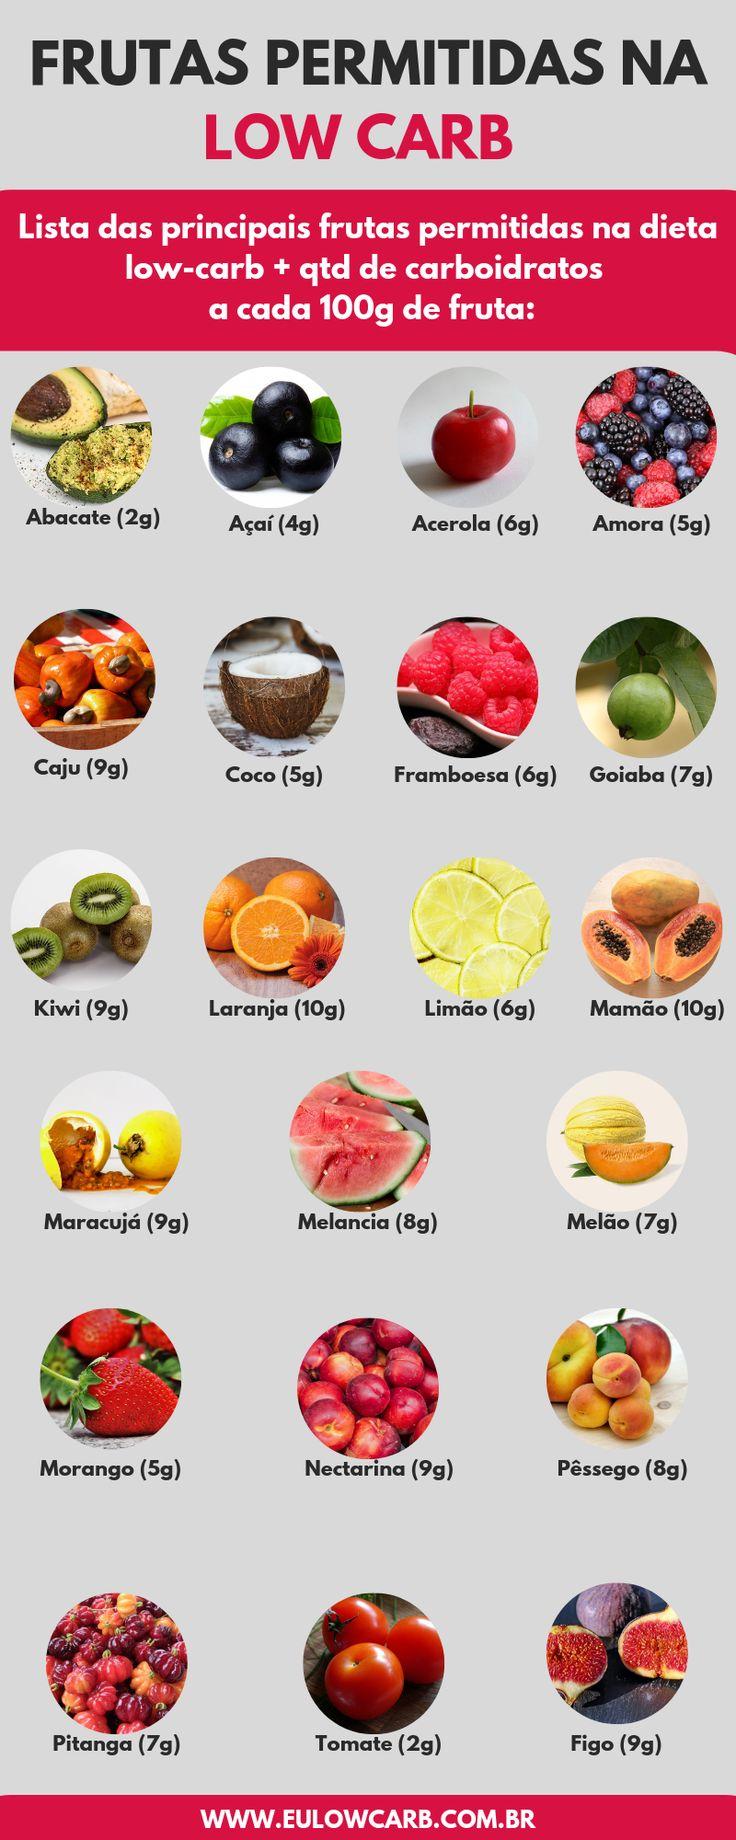 Dieta atkins frutas permitidas